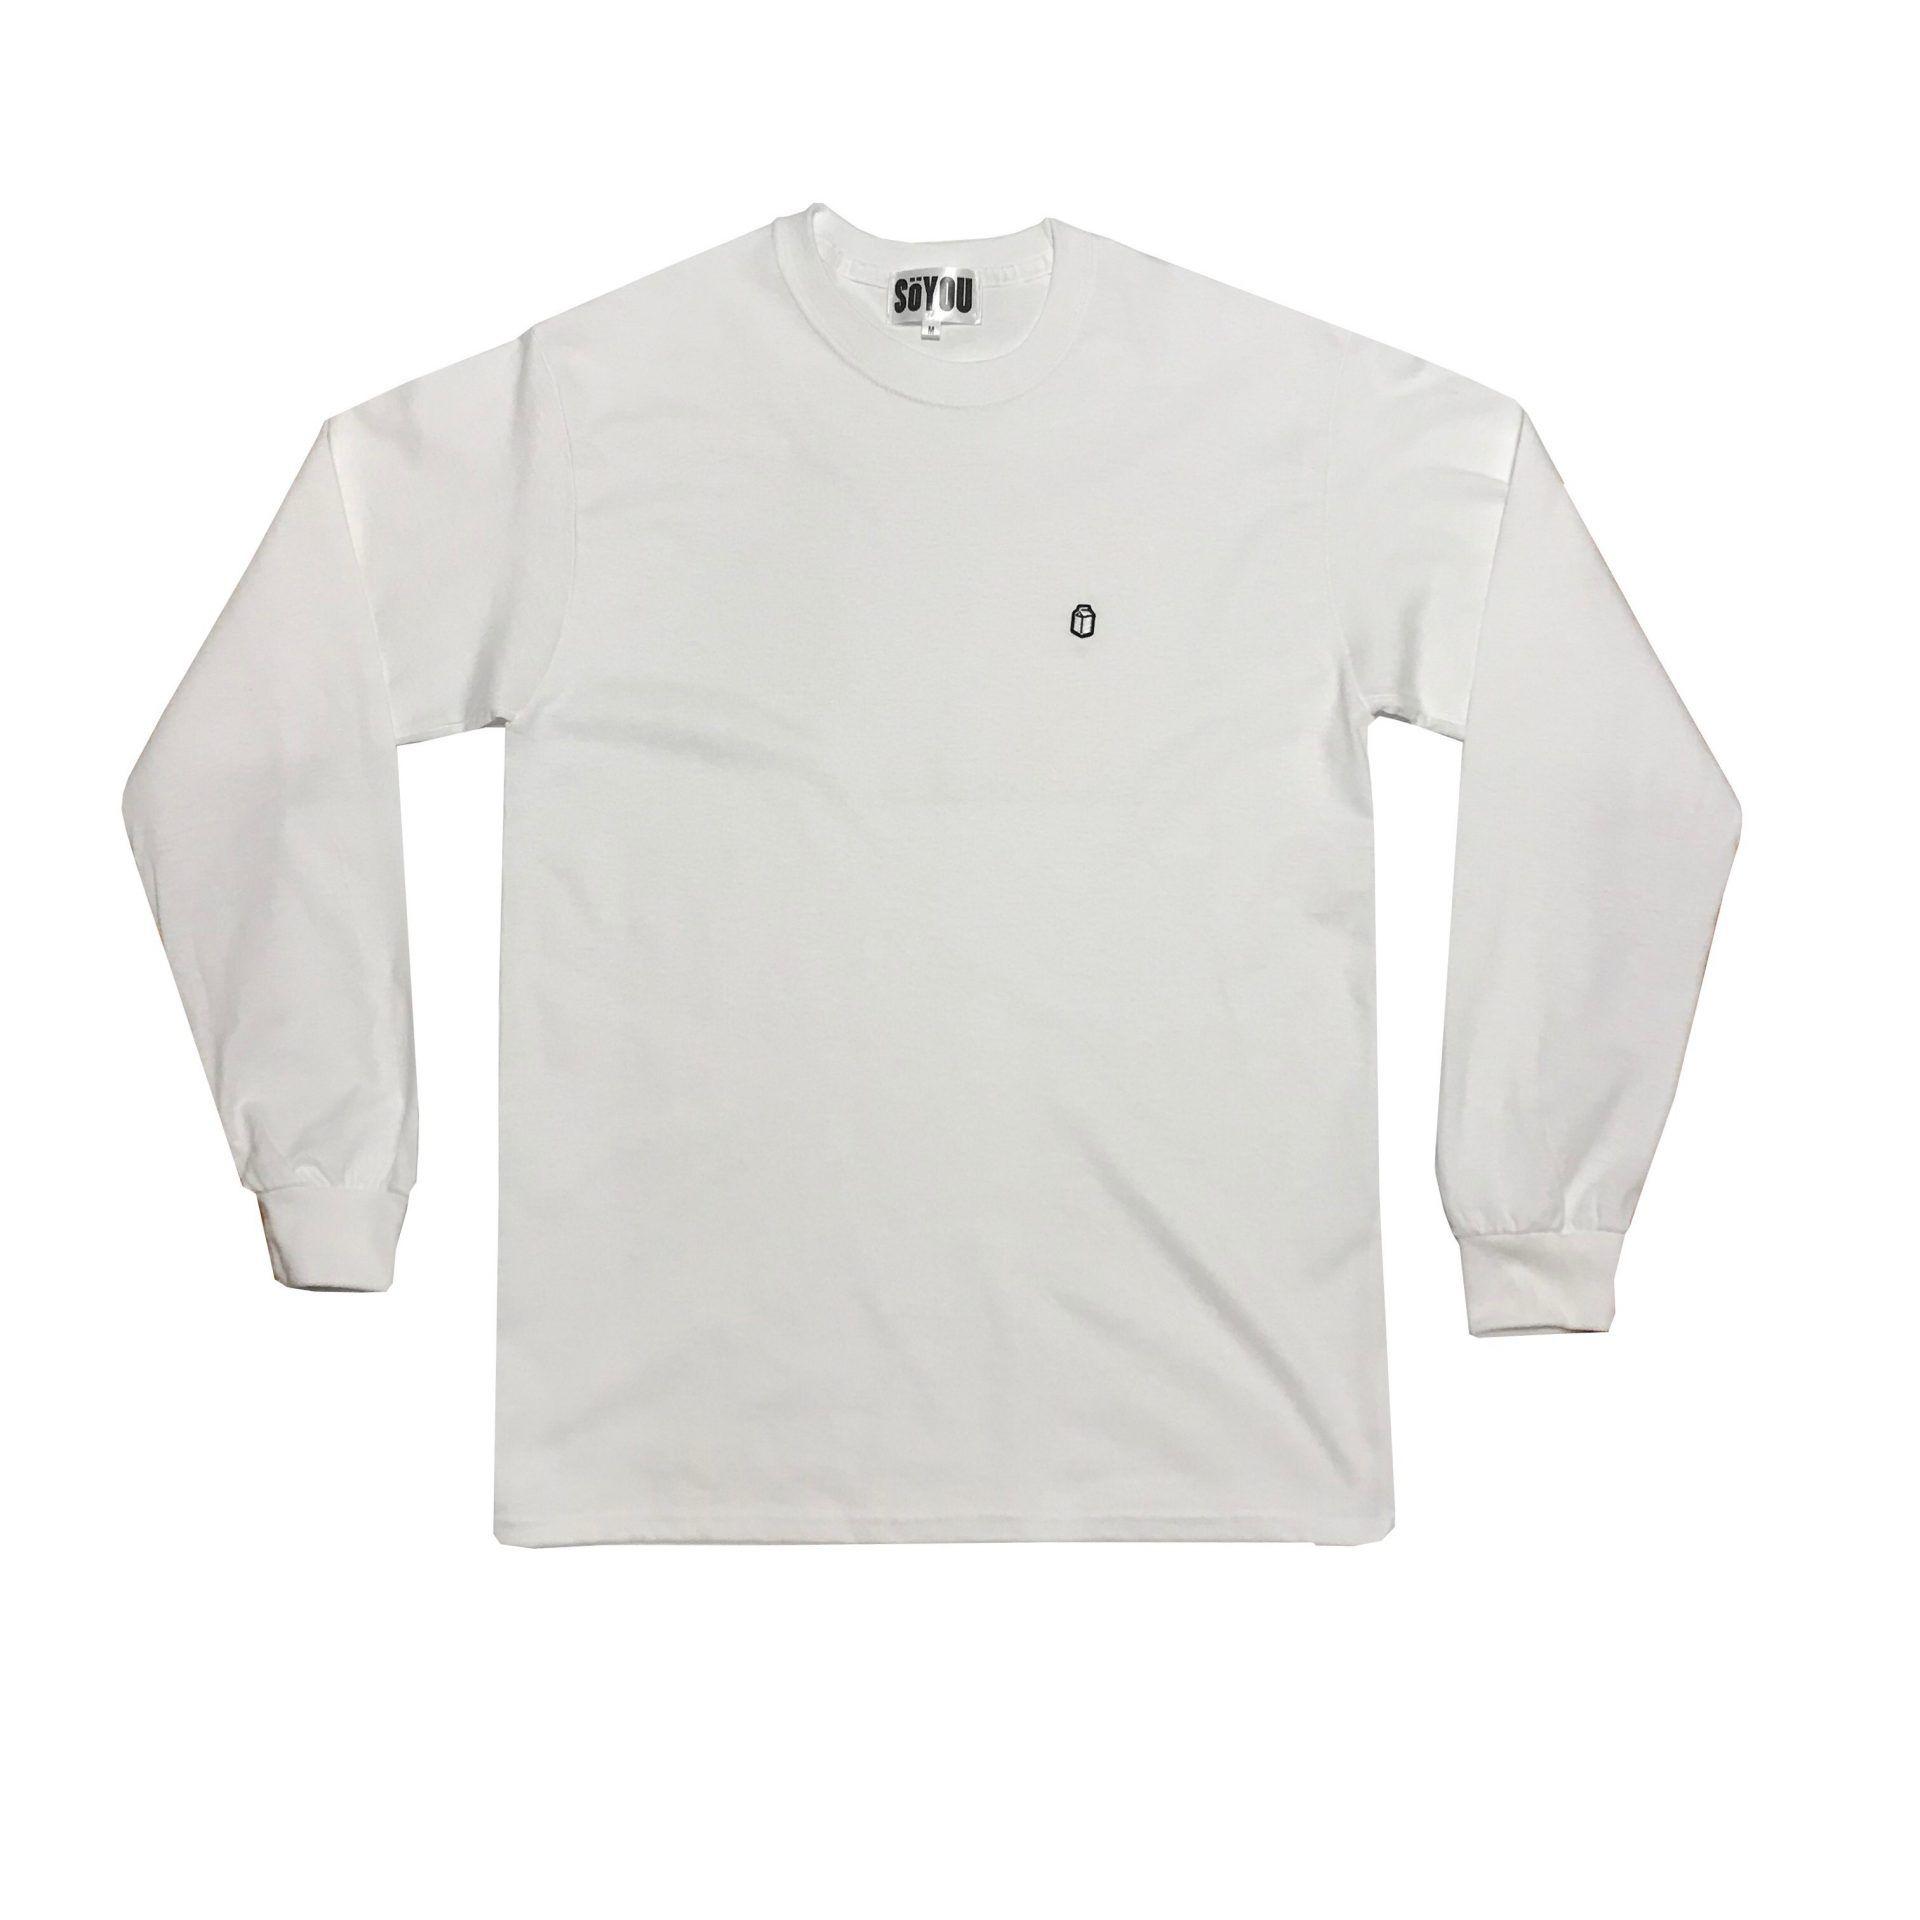 SoYou Clothing Basics Long Sleeve T-Shirt in White